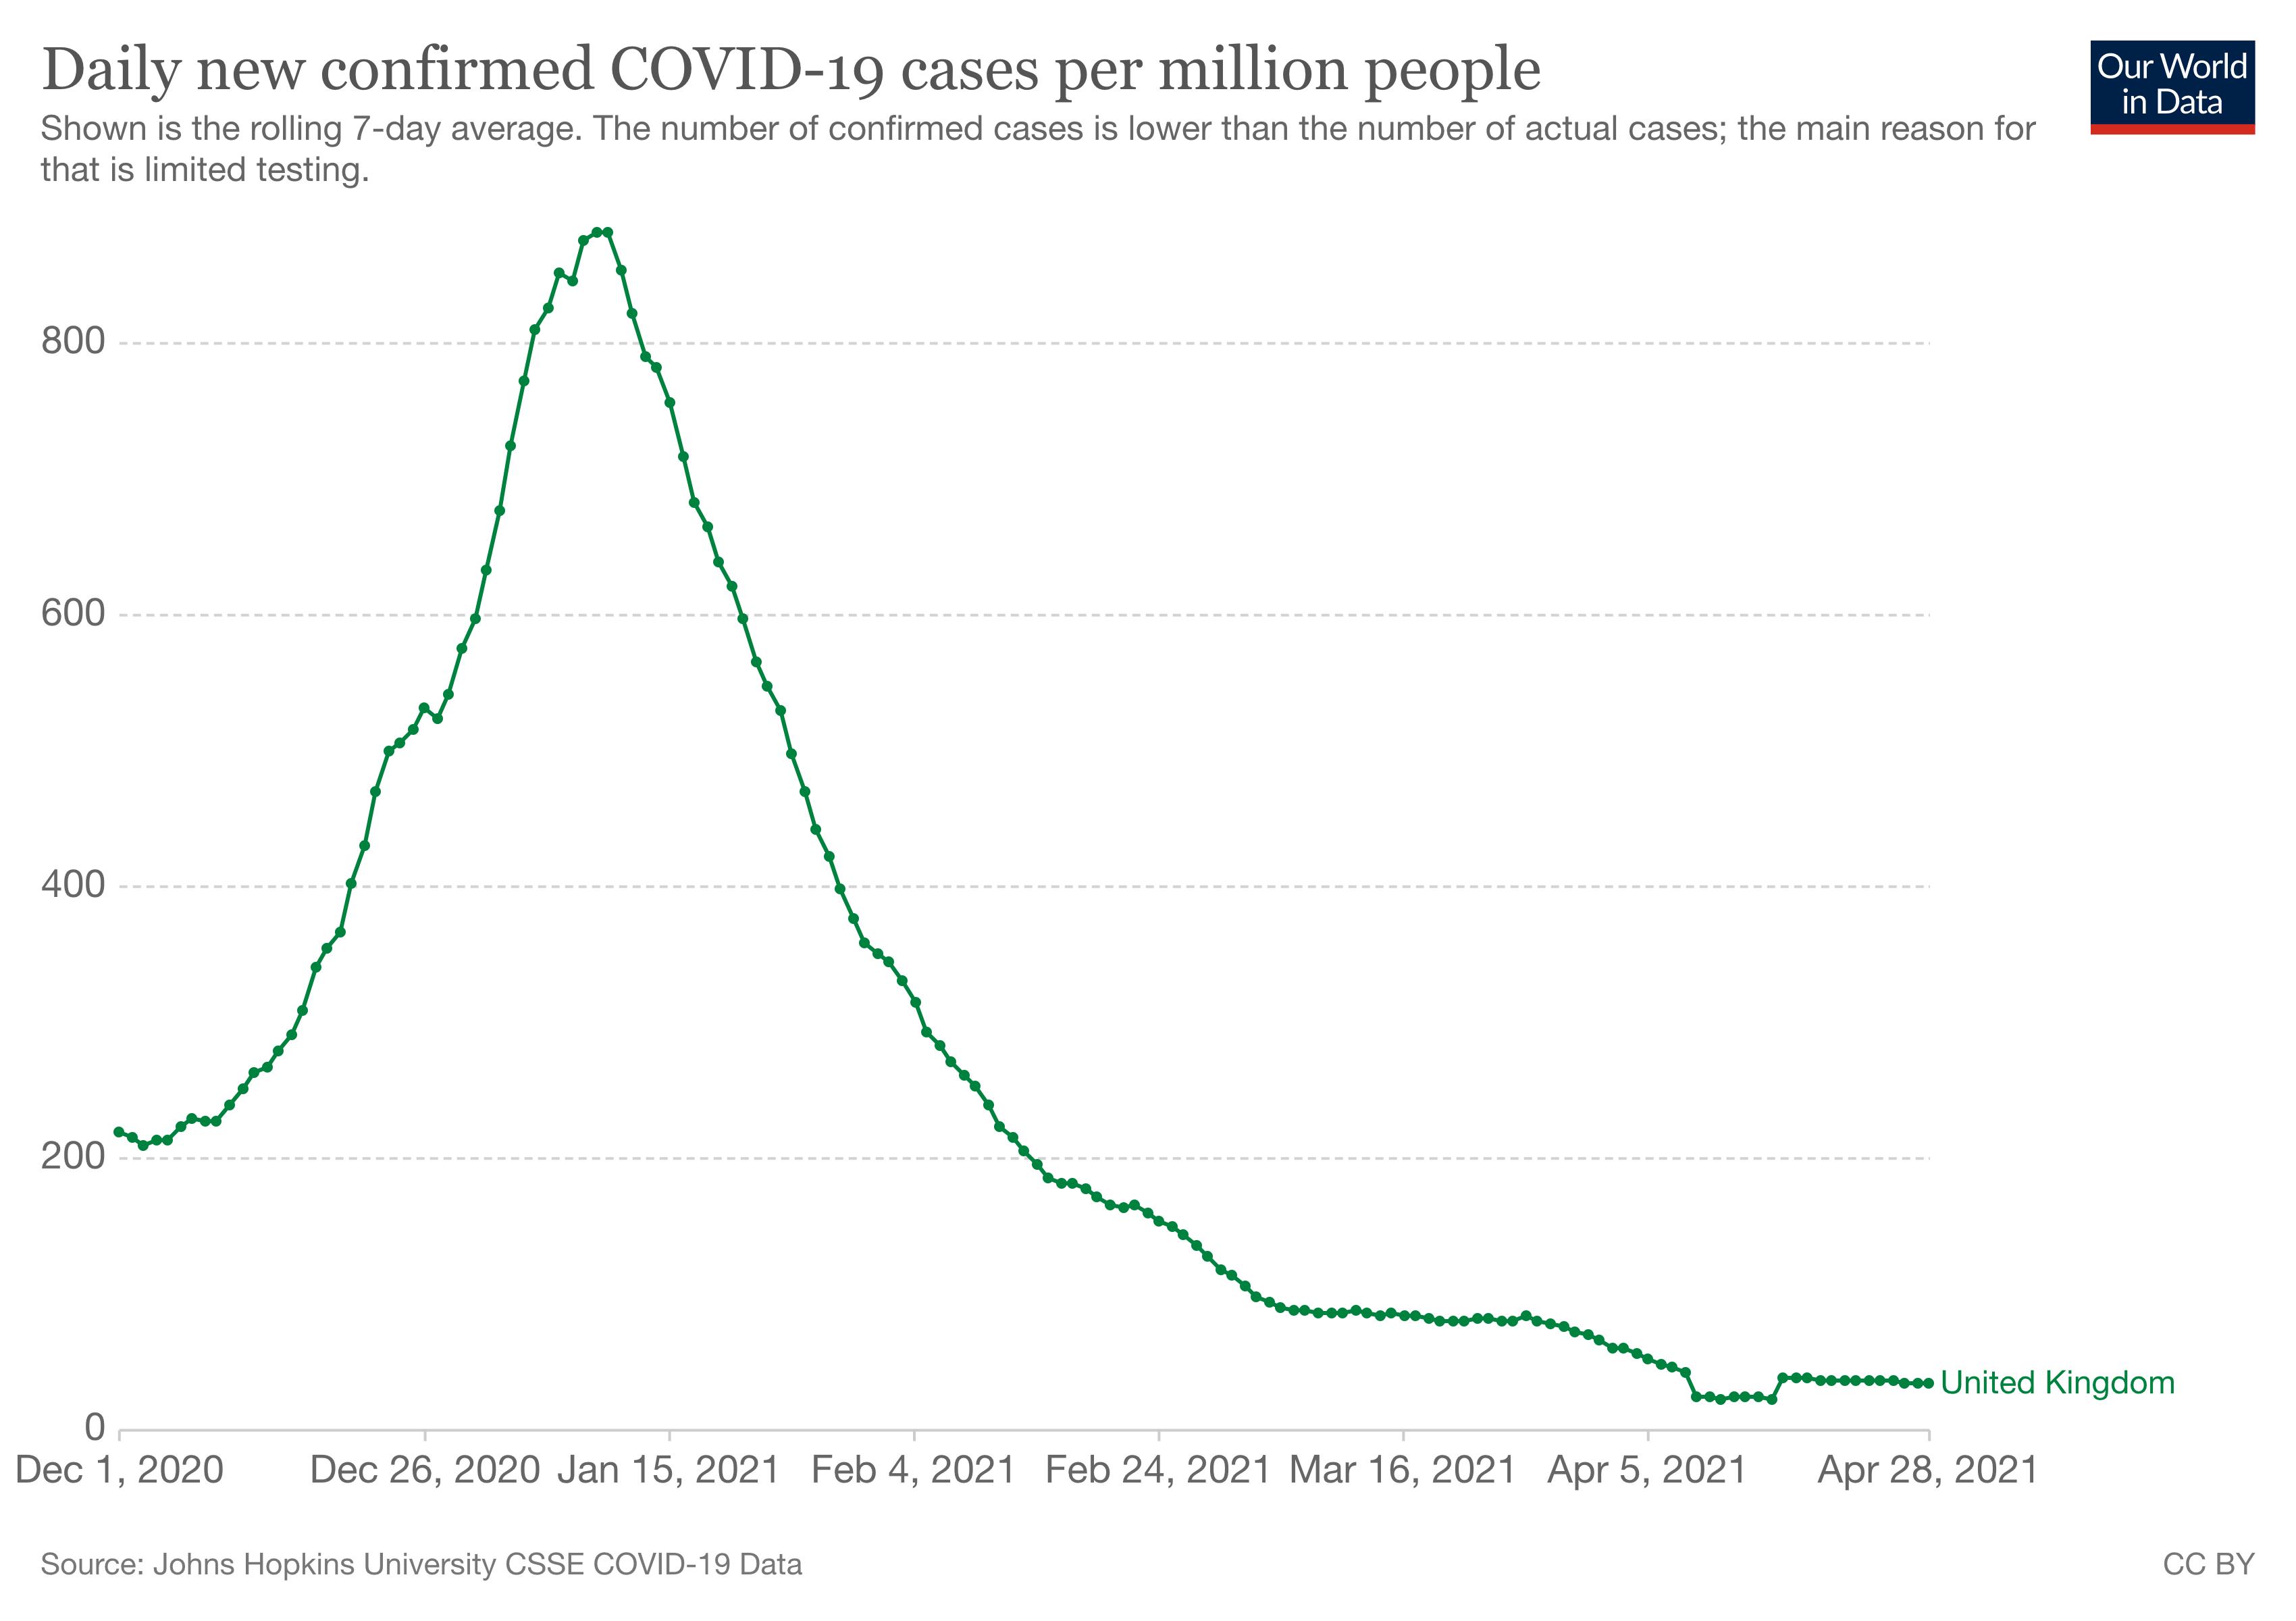 nowe przypadki koronawirusa w Wielkiej Brytanii